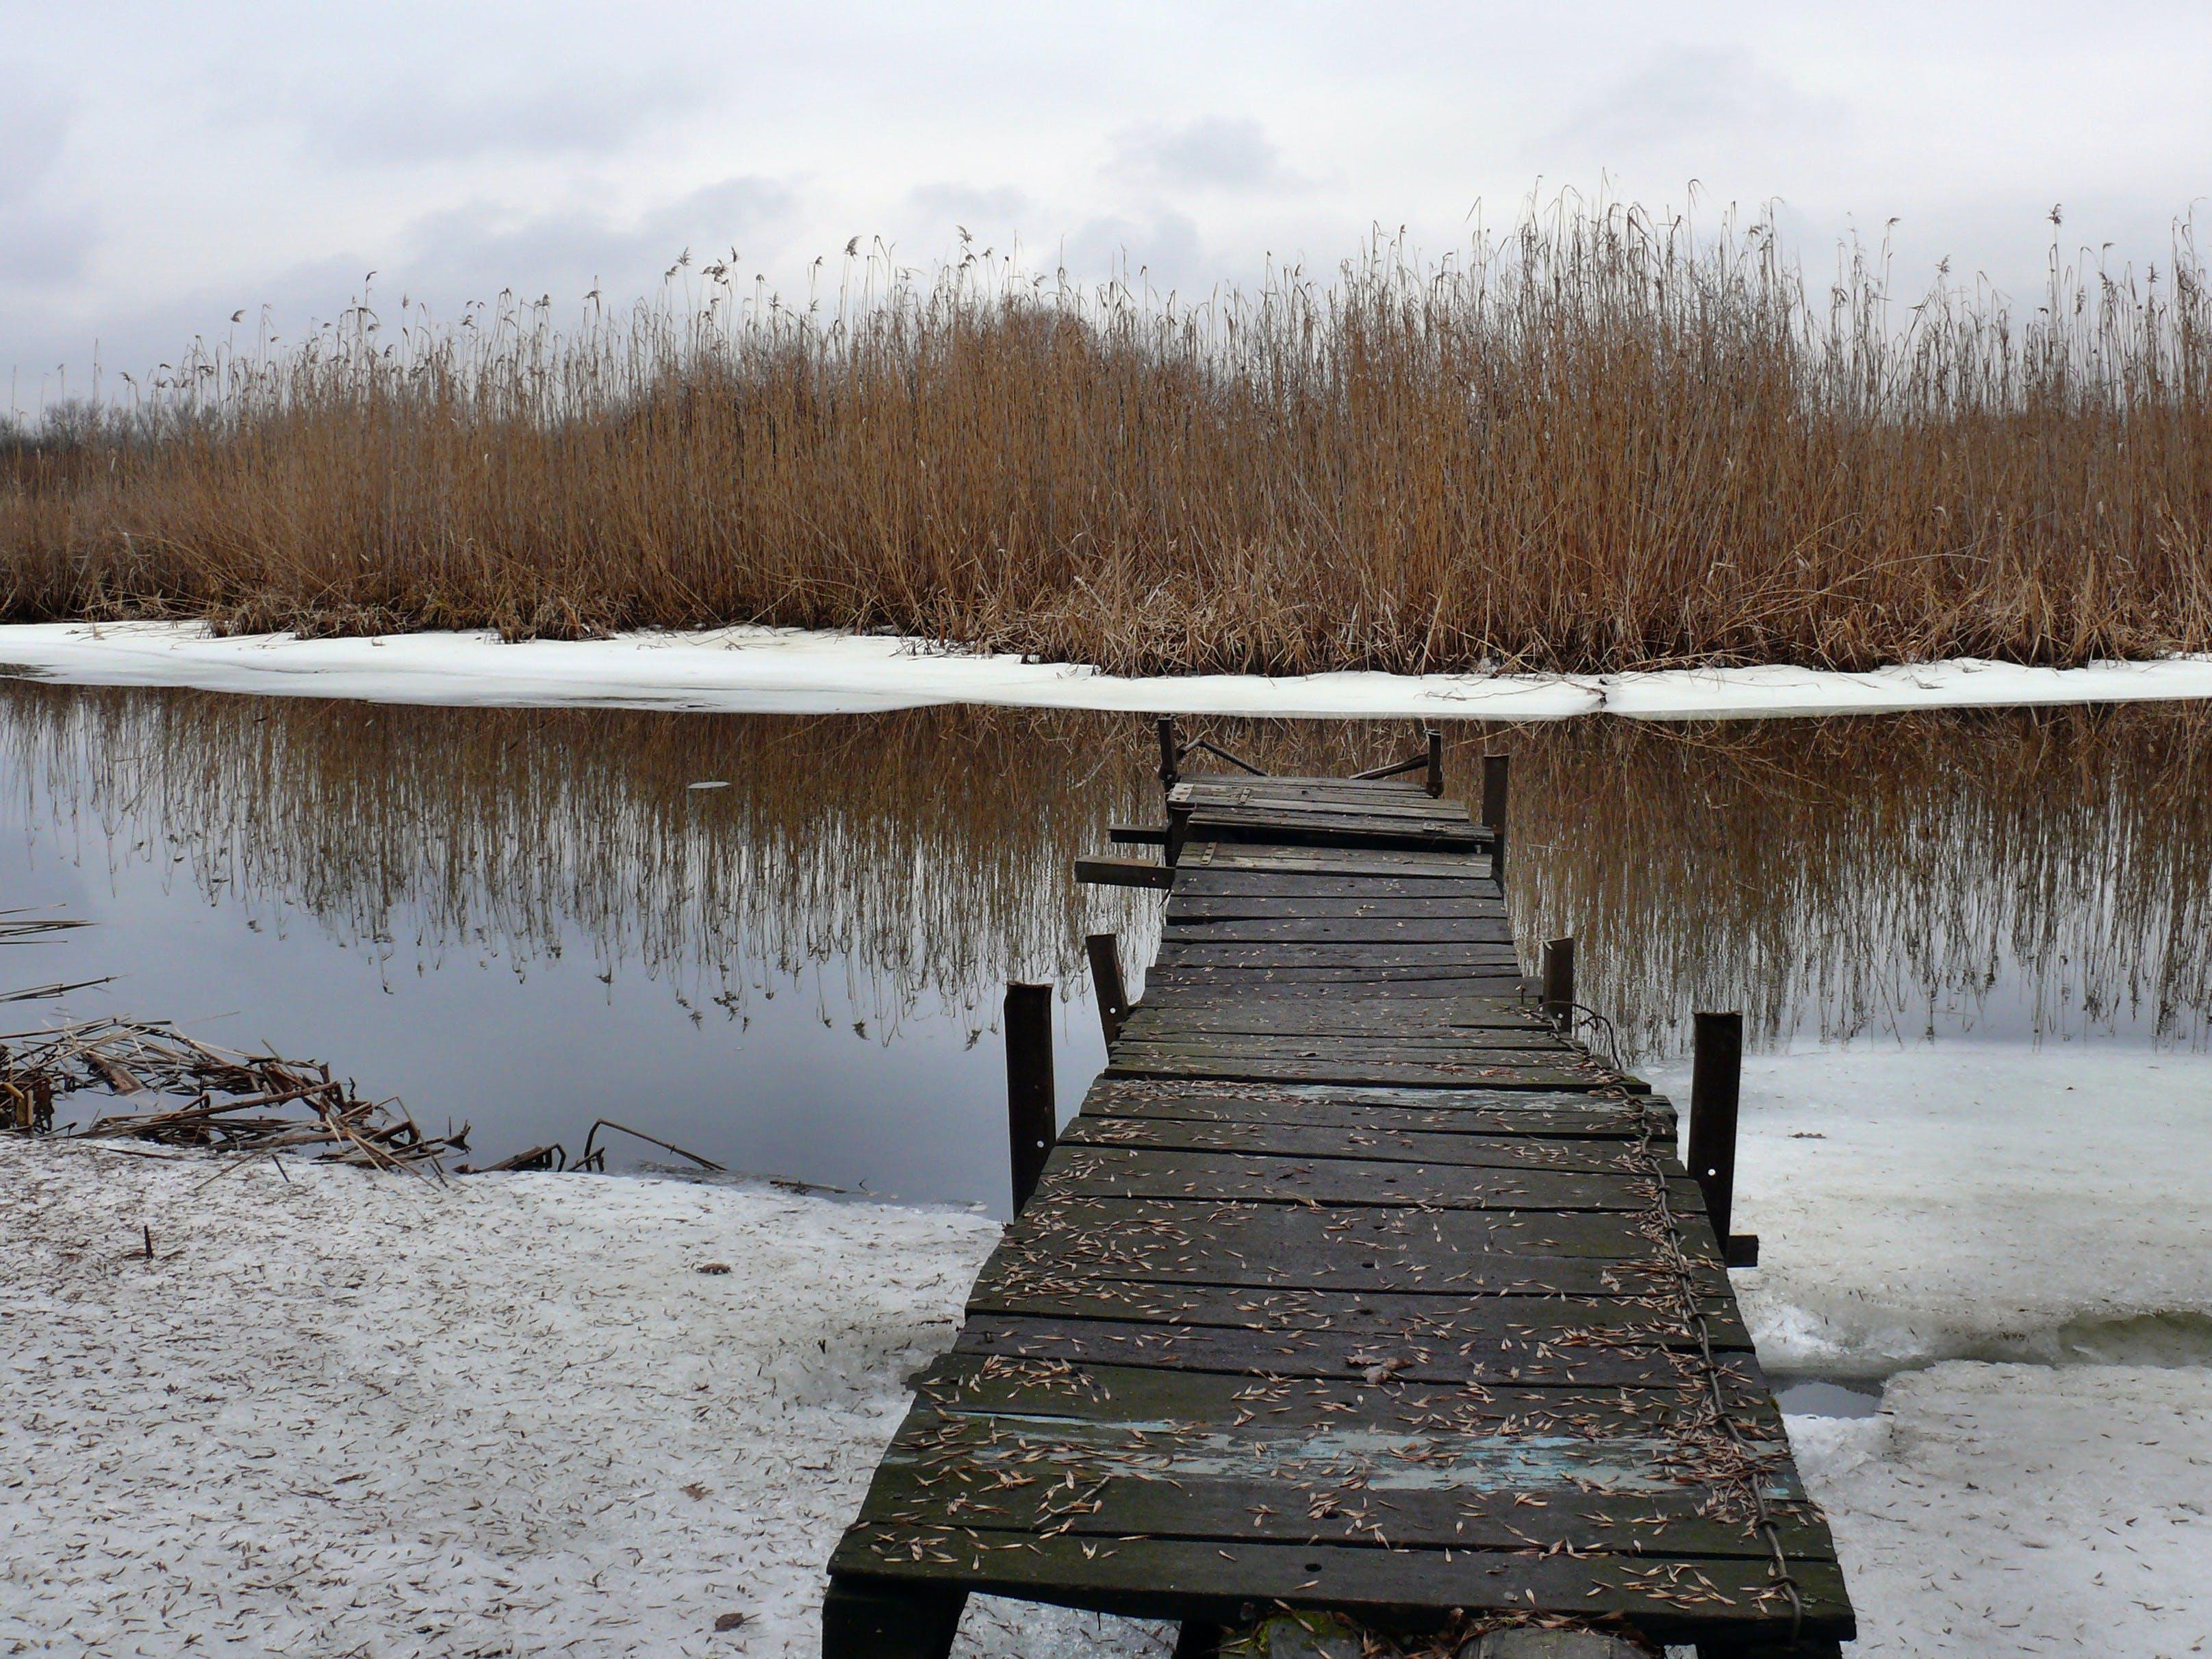 Immagine gratuita di acqua, banchina, freddo, ghiaccio